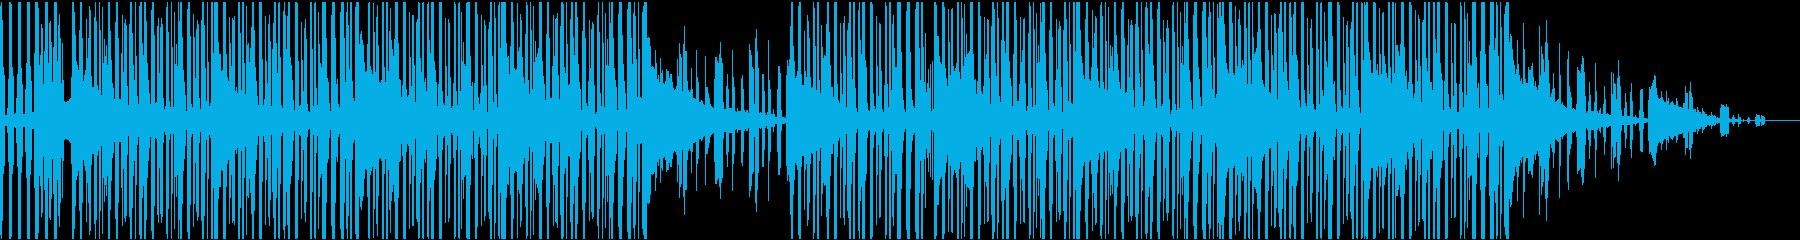 アーバンヒップホップの再生済みの波形